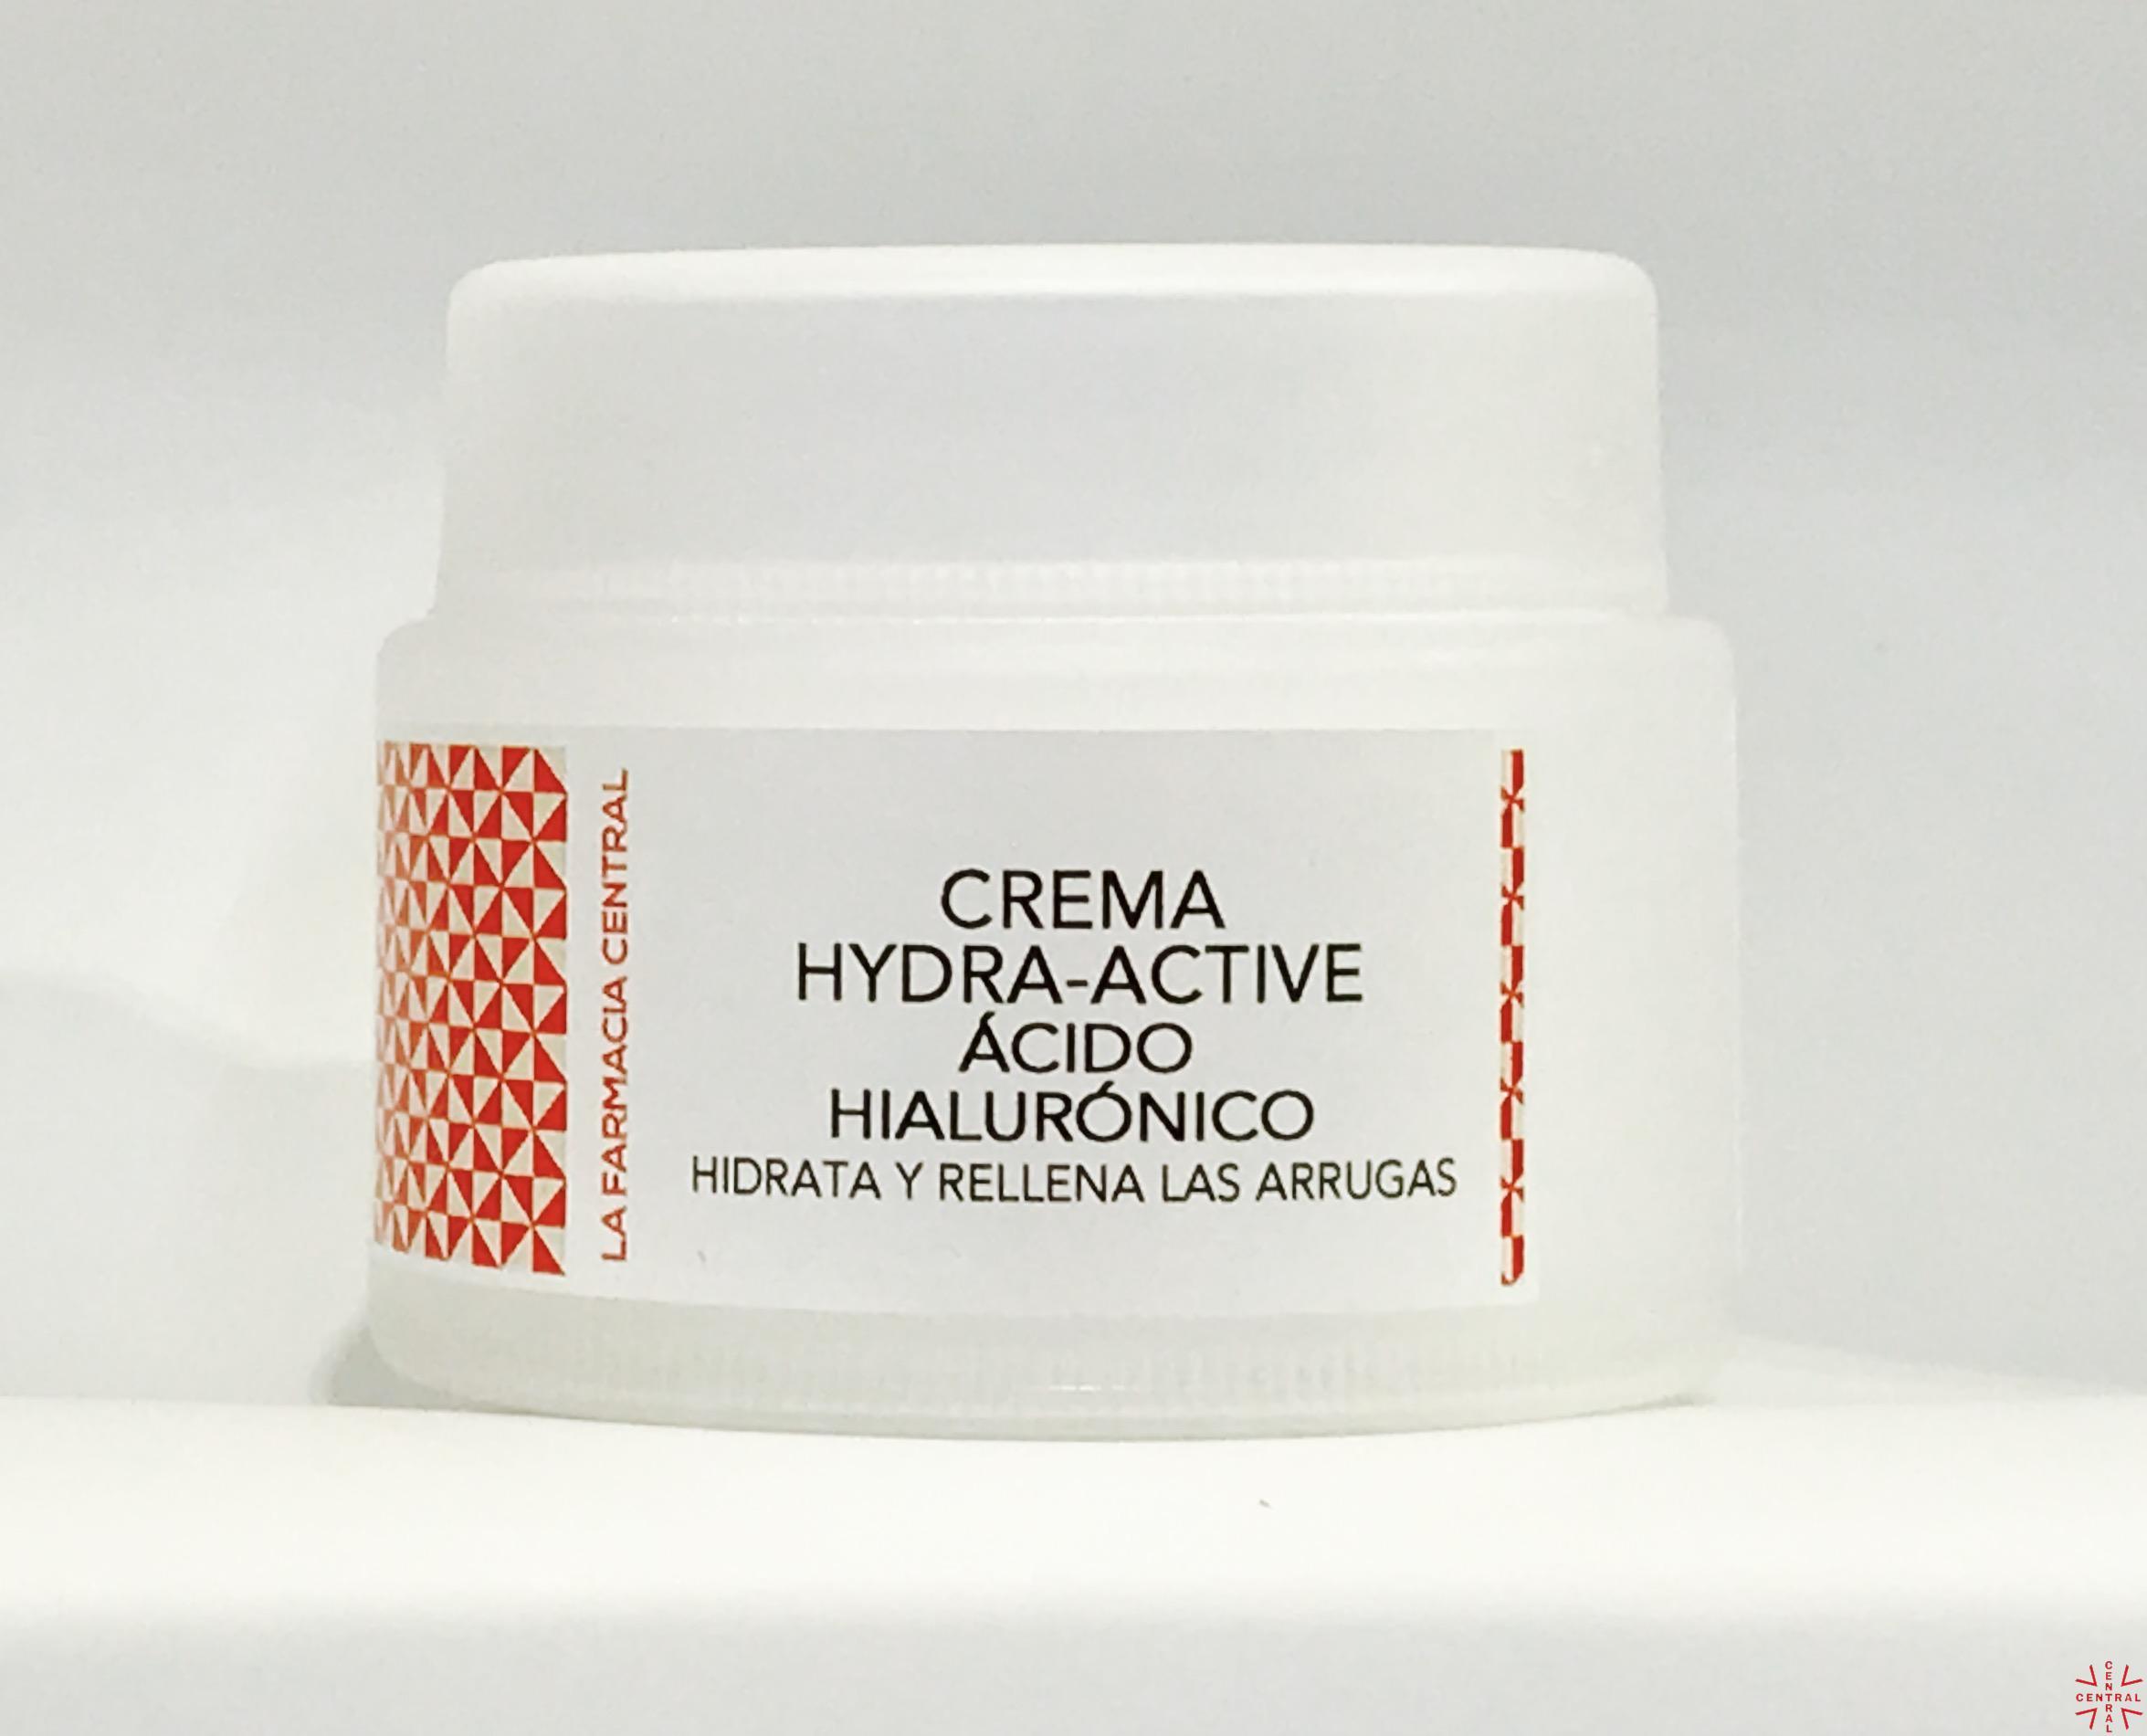 LFC Crema hidra-active con Acido Hialurónico 50ml